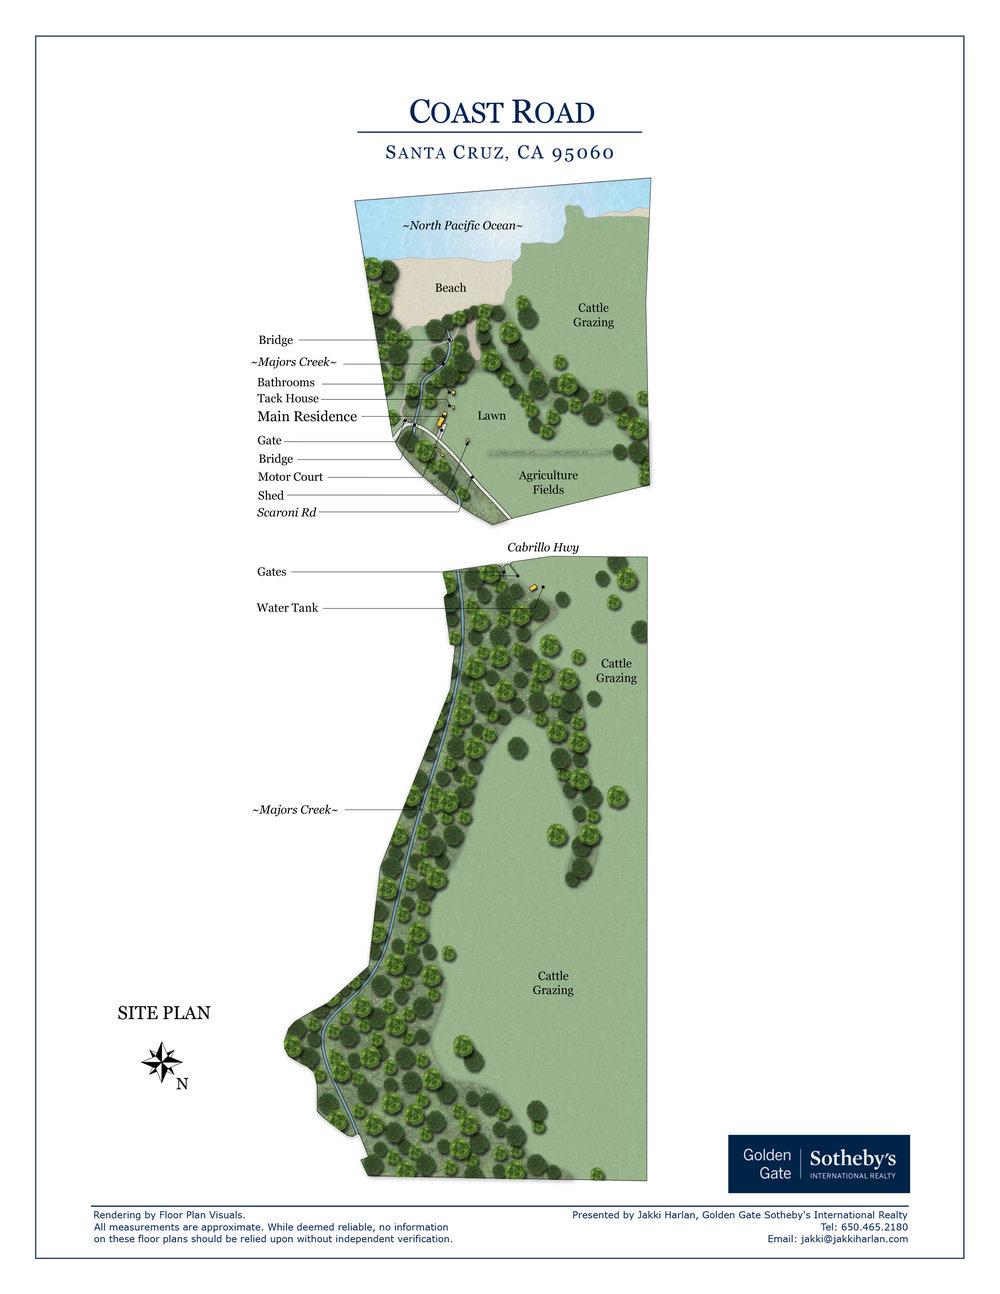 coastroad-siteplan-a-edited.jpg